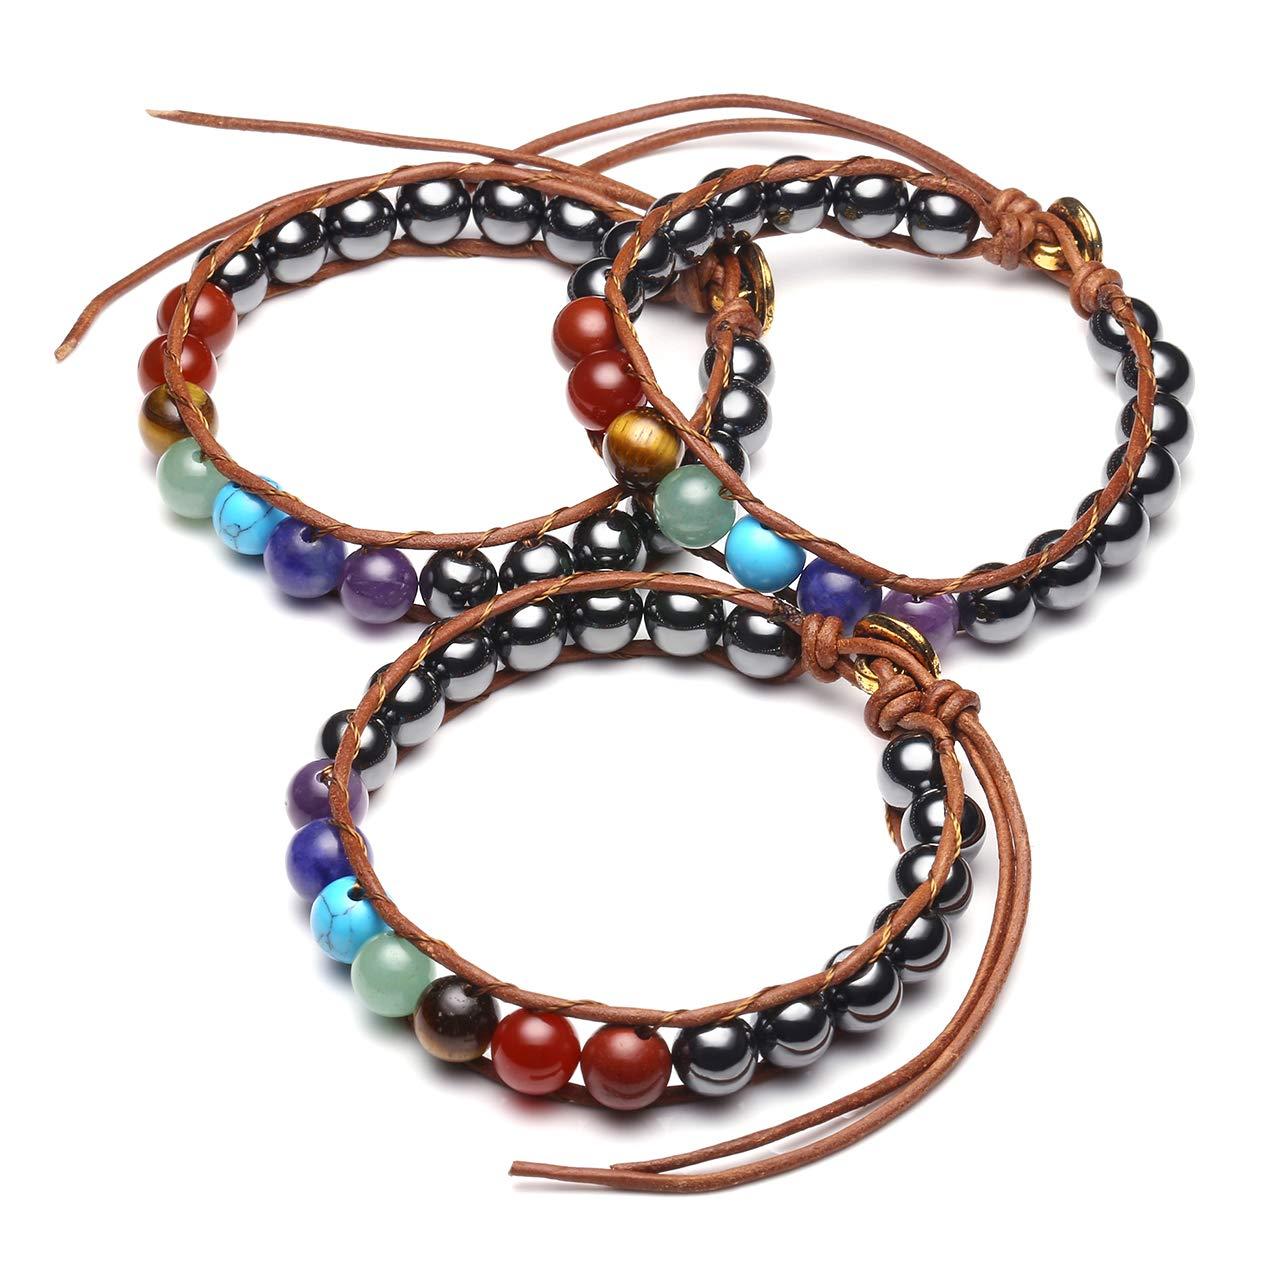 CrystalTears Bracelet en Pierre /Énergie 7 Chakras Quartz Cristal 8mm Rond Om Boucle Bracelet Tress/é R/églable Gu/érison Reiki M/éditation Yoga /Équilibre Femme Homme